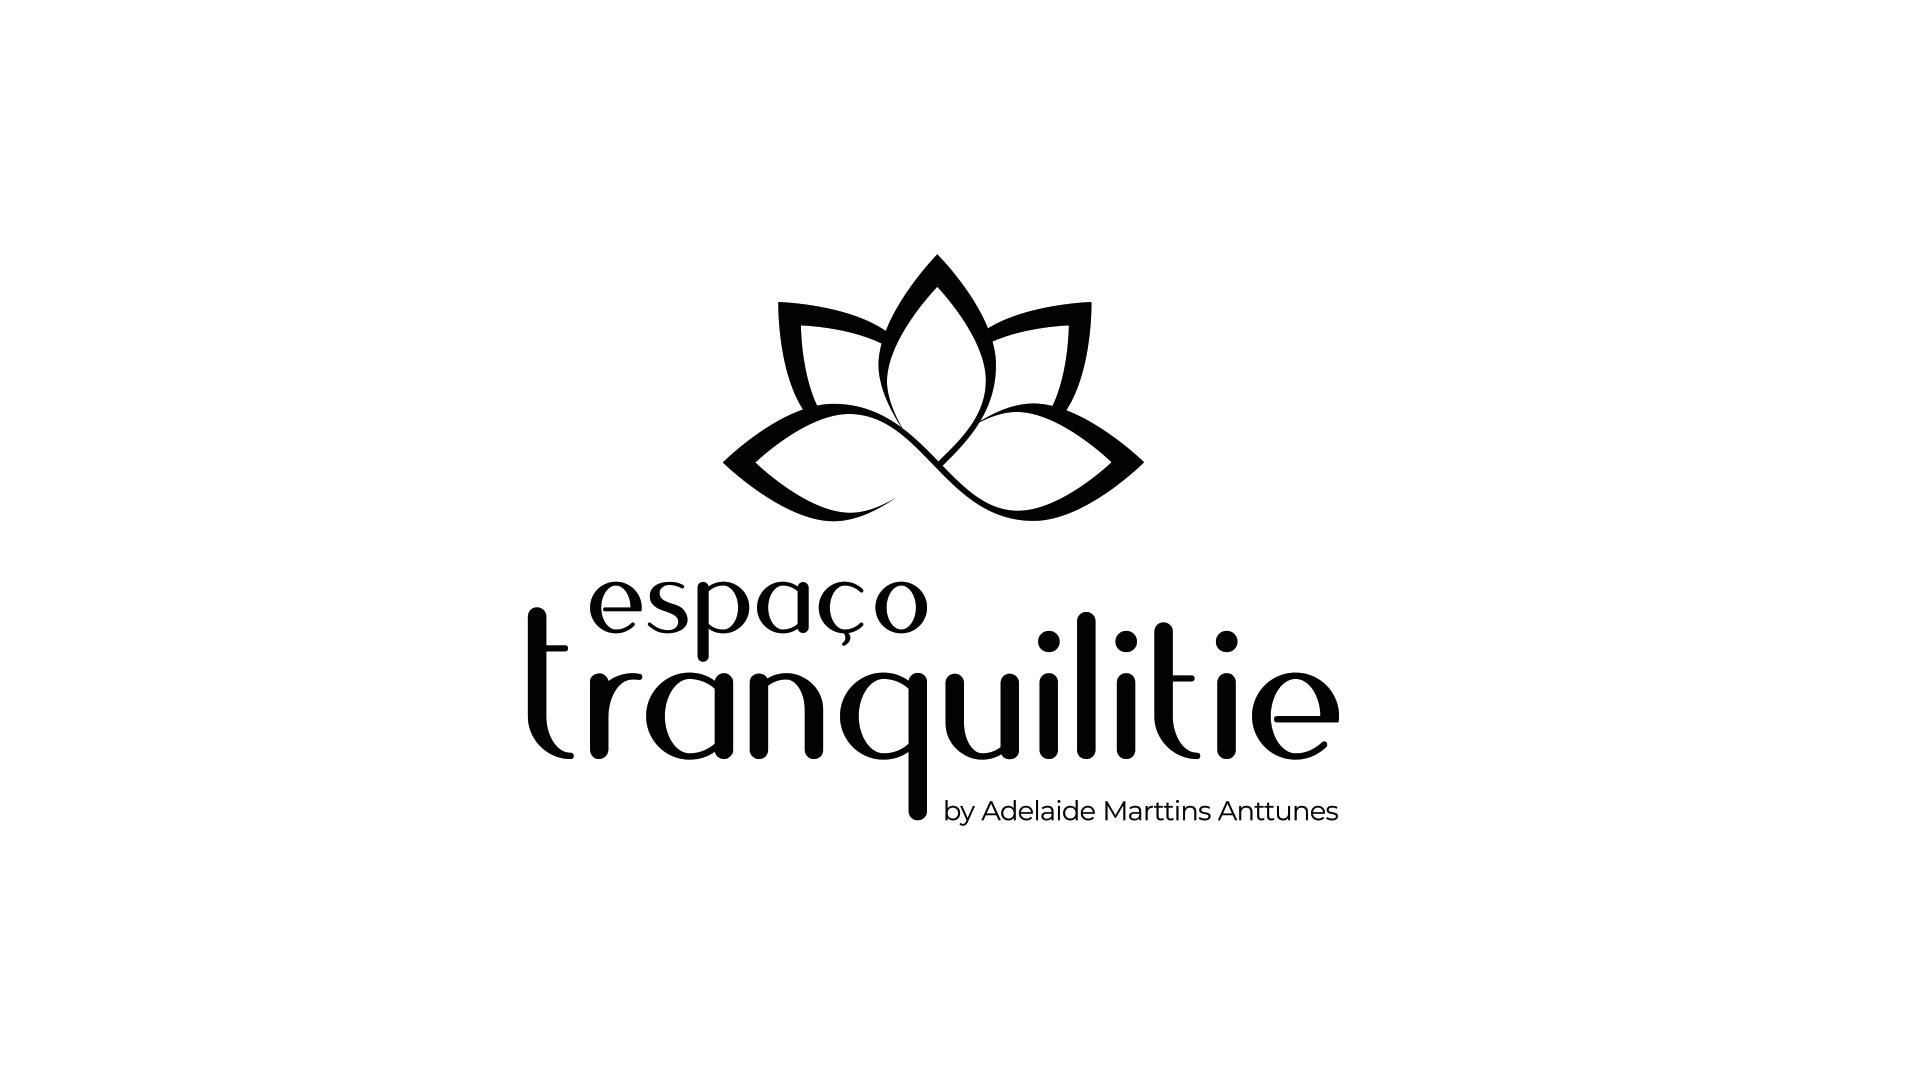 Lógotipo-espaço tranquilitie-design gráfico-publicidade